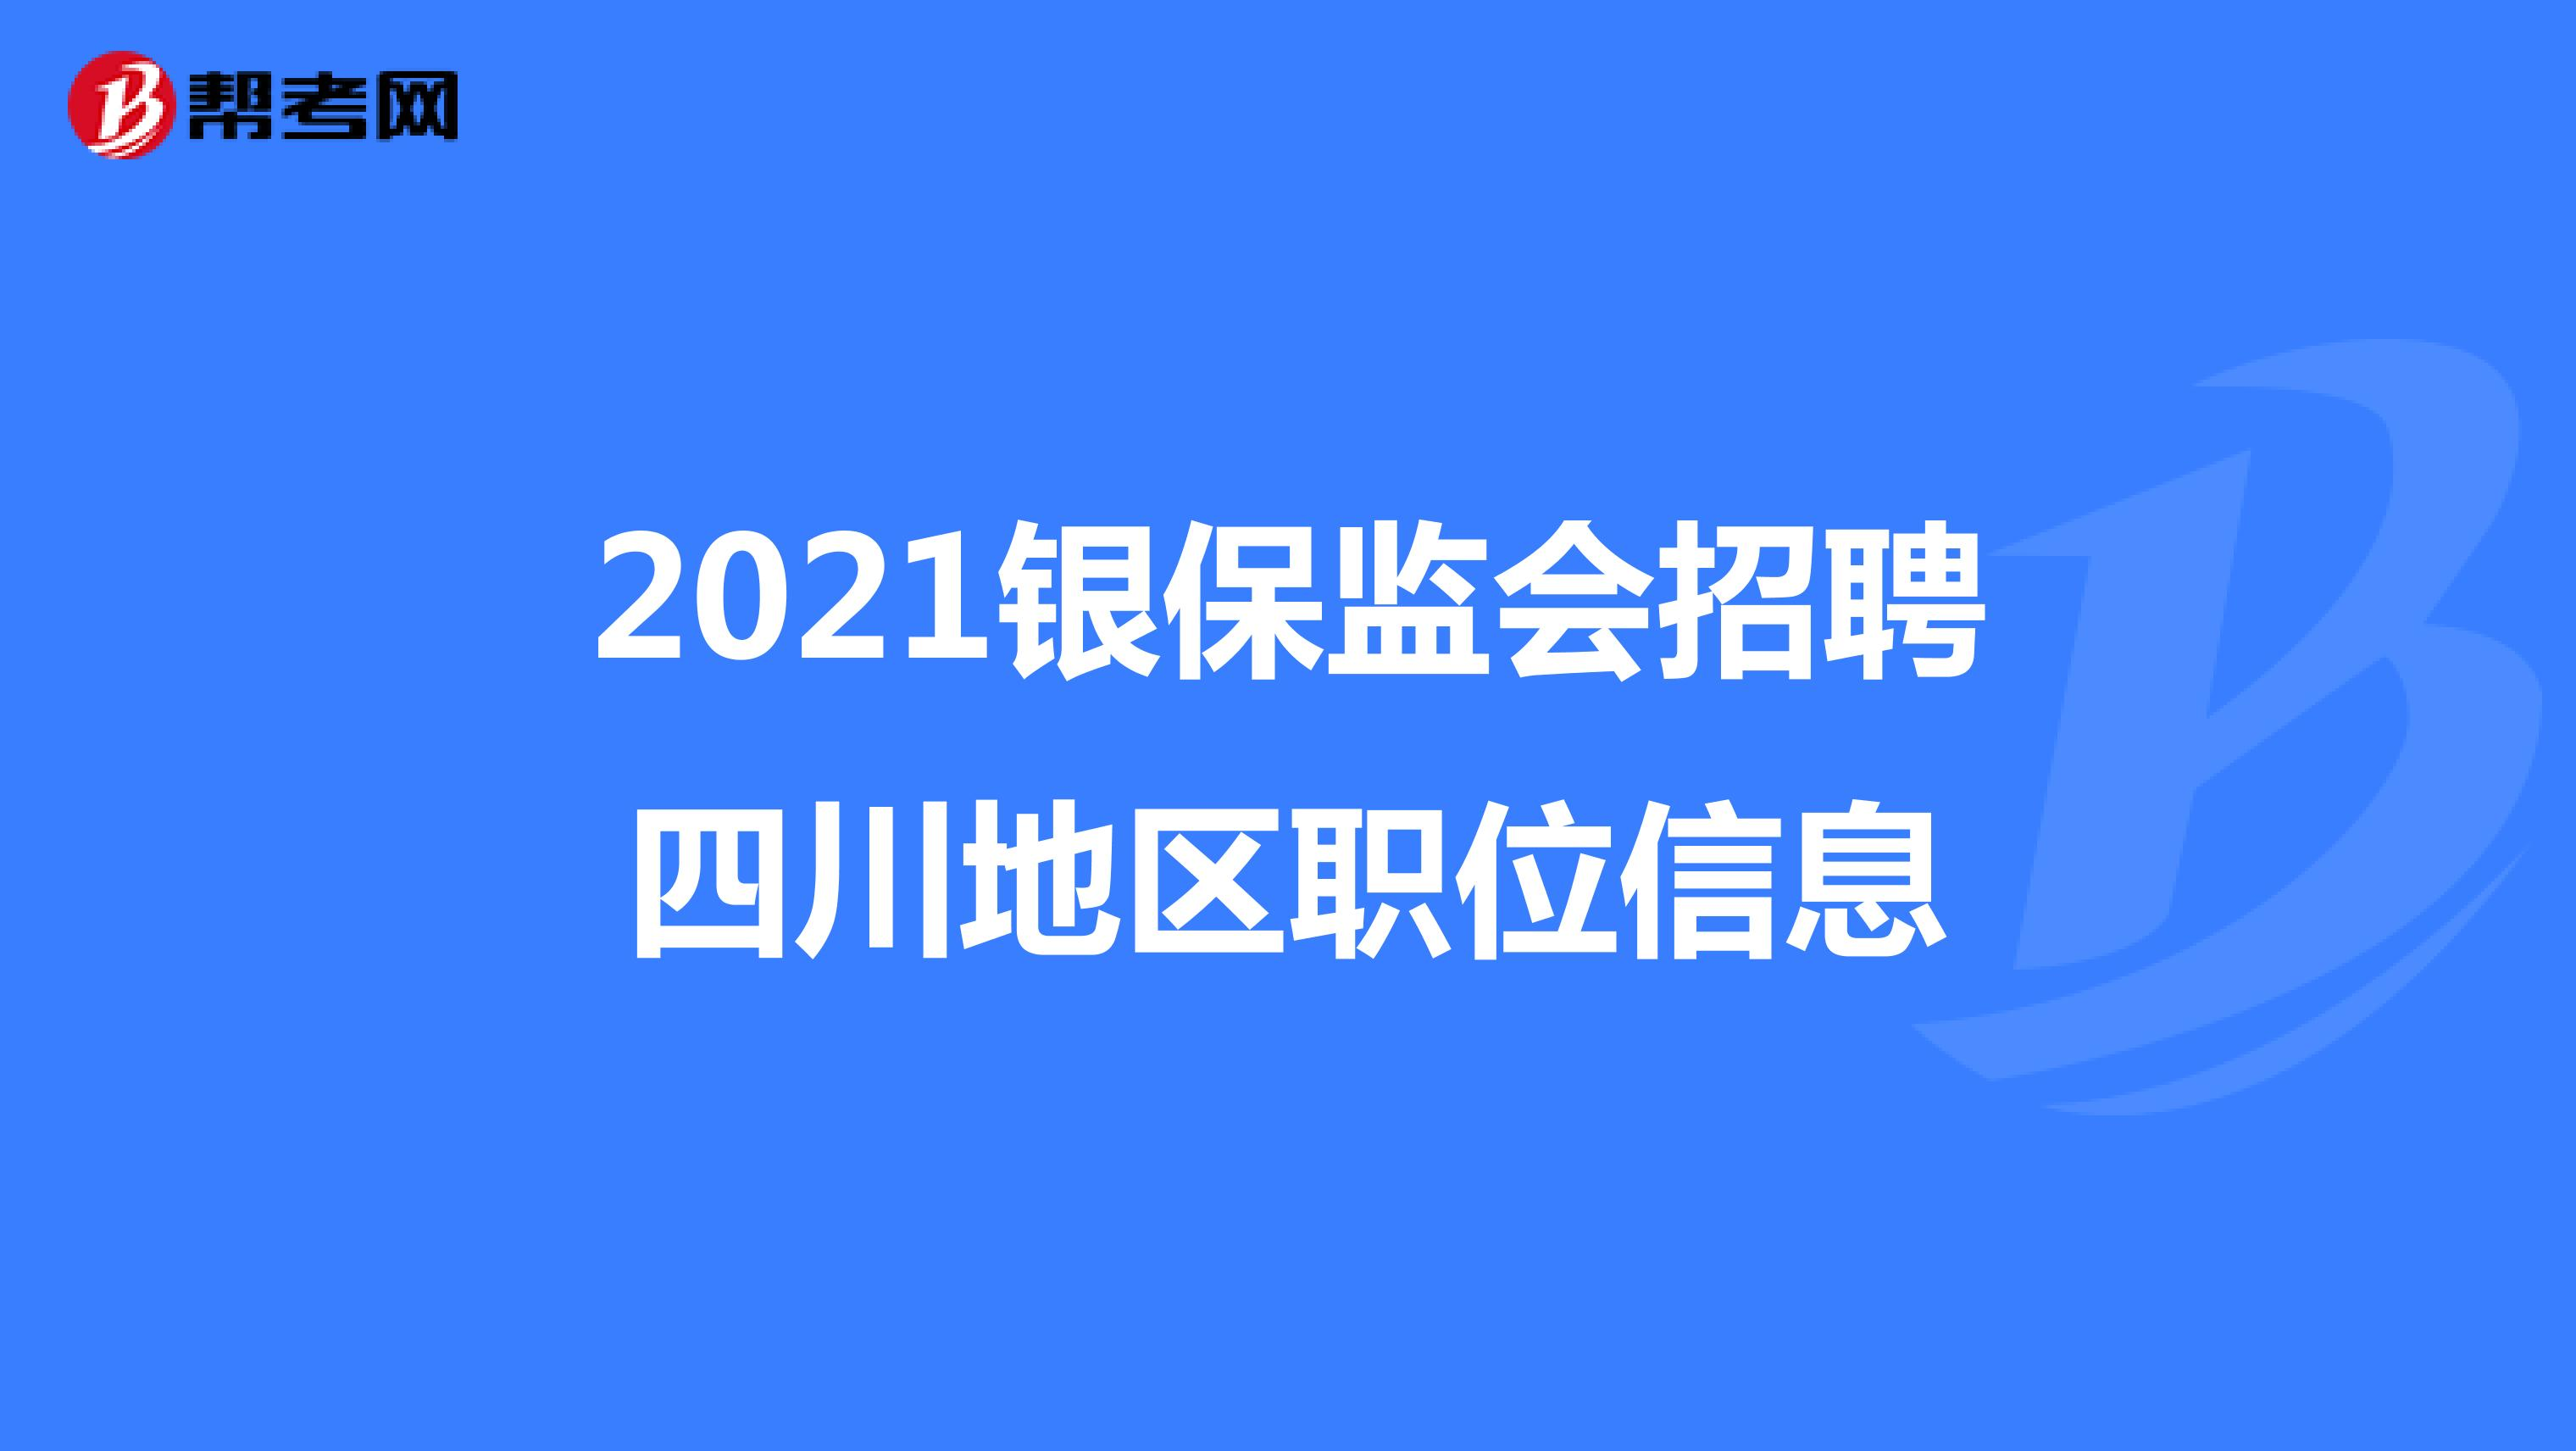 2021年银保监会招聘四川地区职位信息